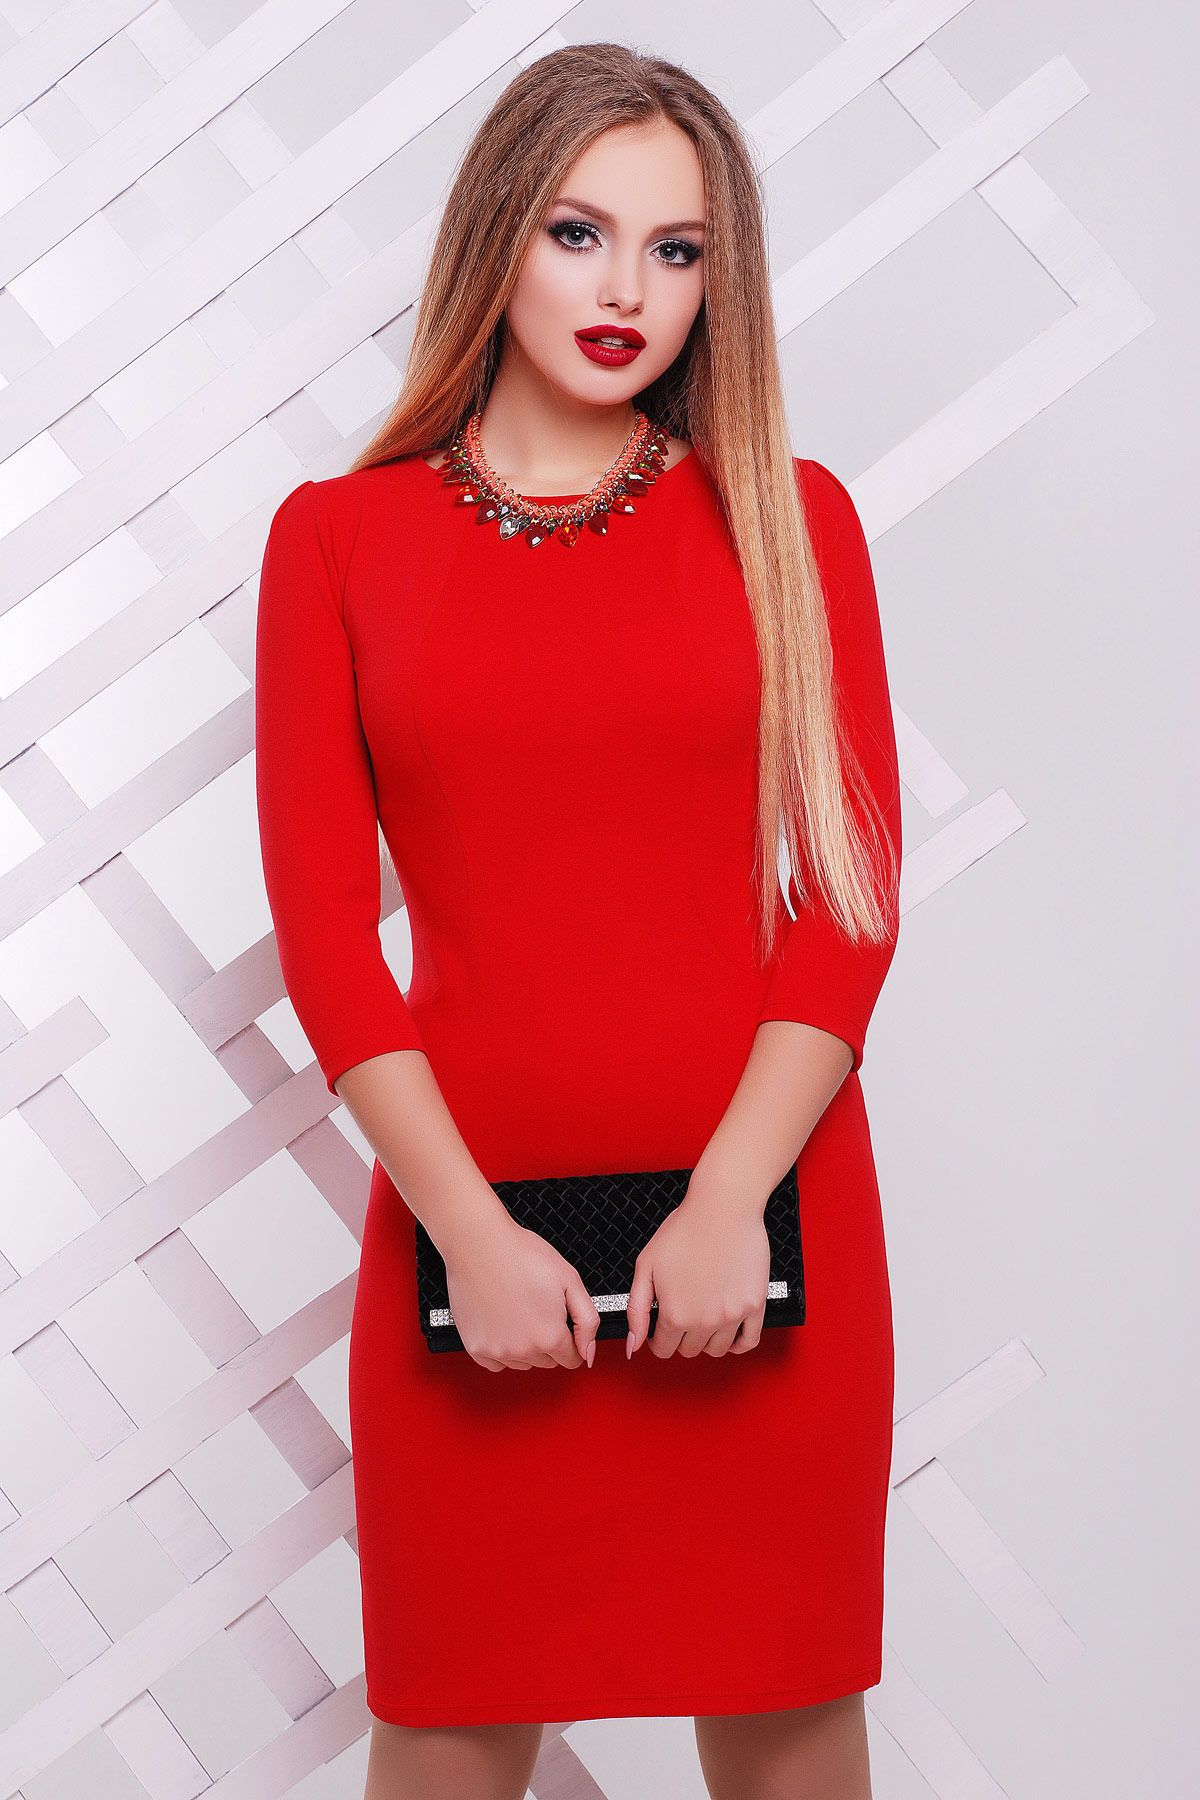 0042b79beda Облегающее платье выше колен на весну-лето красного цвета Модеста д р. Цвет   красный